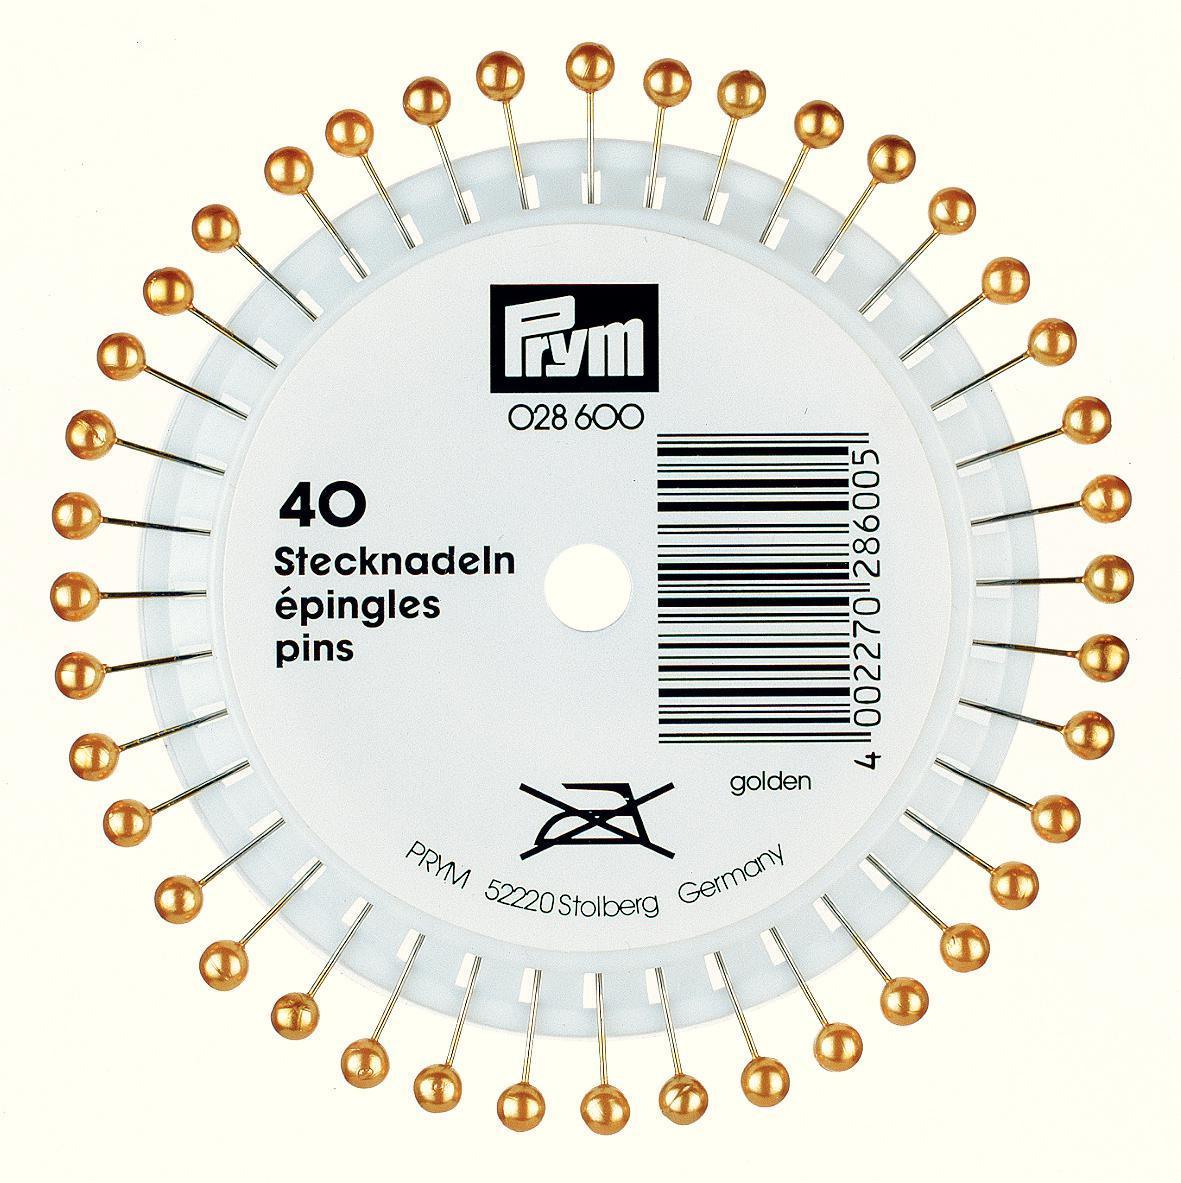 Набор булавок Prym, цвет: золотистый, длина 4 см, 40 шт028600Набор Prym состоит из 40 булавок с жемчужными головками золотистого цвета. Изделия используются для шитья, чтобы закалывать, прикалывать куски мягких тканей и многое другое. Комплектация: 40 шт. Материал: сталь, стекло. Длина: 4 см.